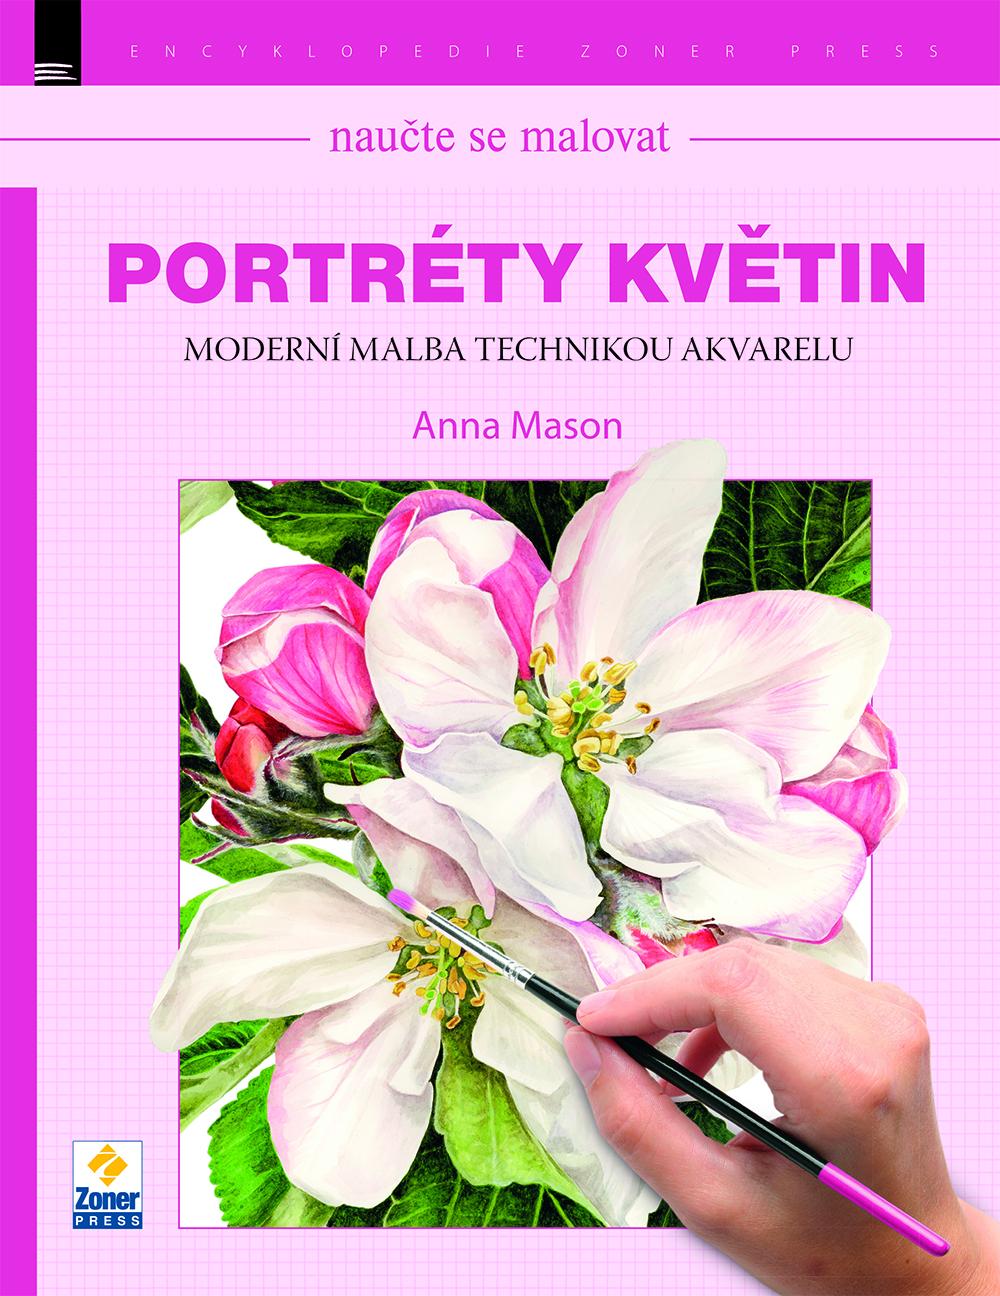 Portréty květin: Moderní malba technikou akvarelu